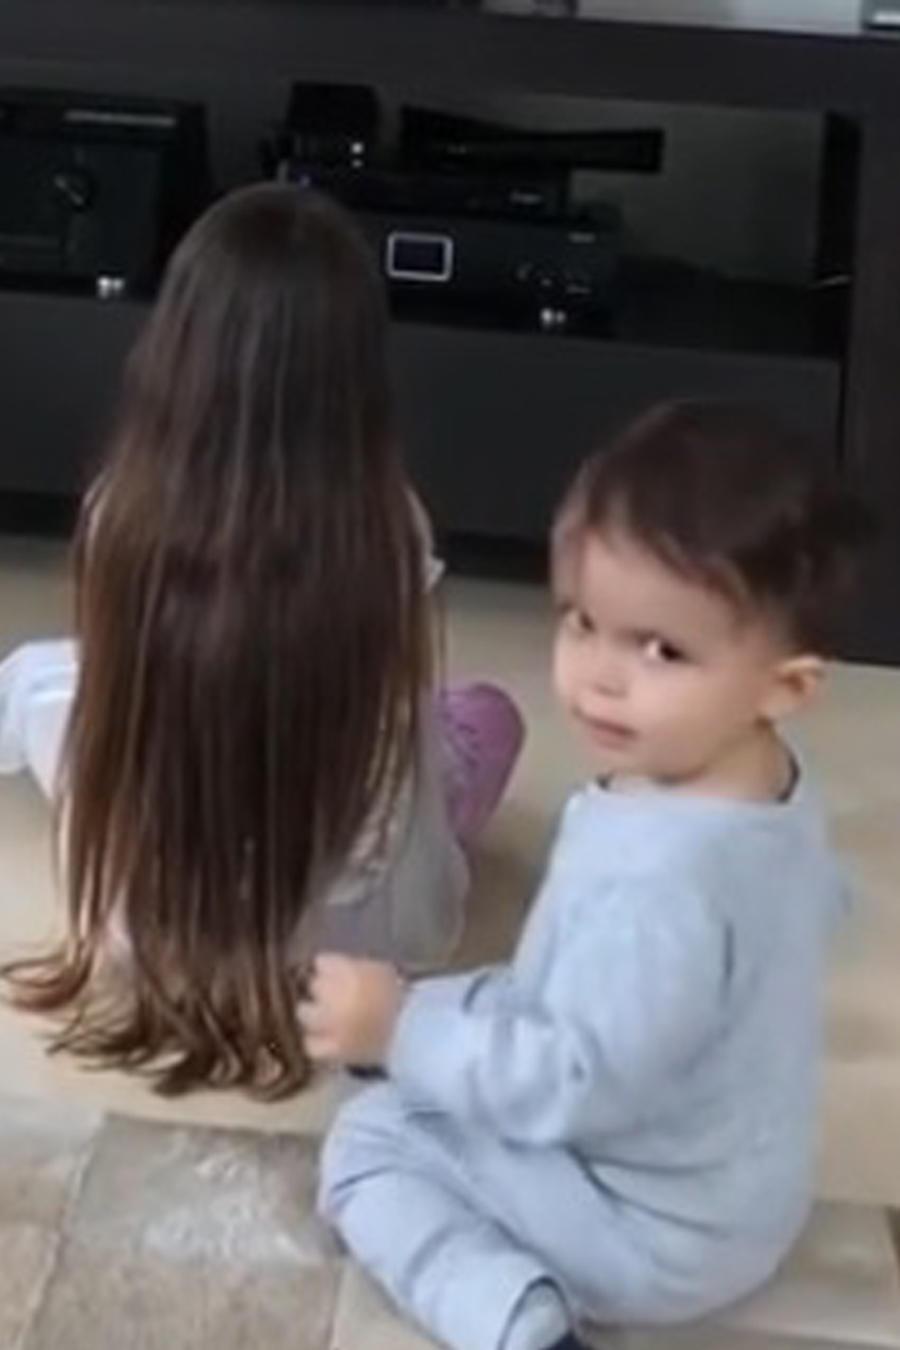 Mikaela y Rocco, hijos de Luis Fonsi, viendo la tele